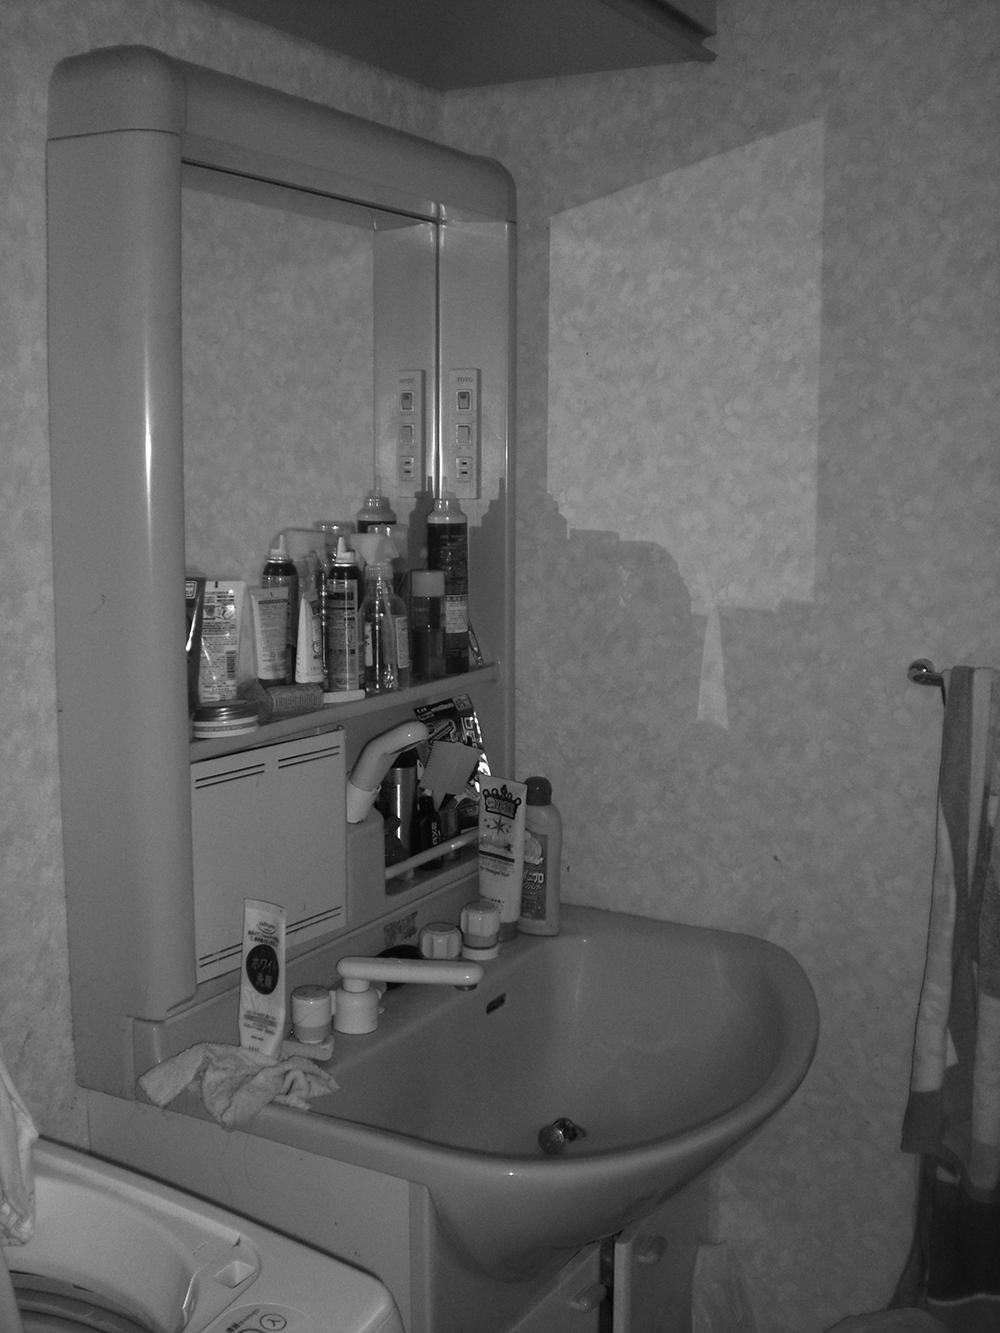 泉区W邸 洗面化粧台リフォーム 16.8万円※内装工事含/工期1日間 施工前